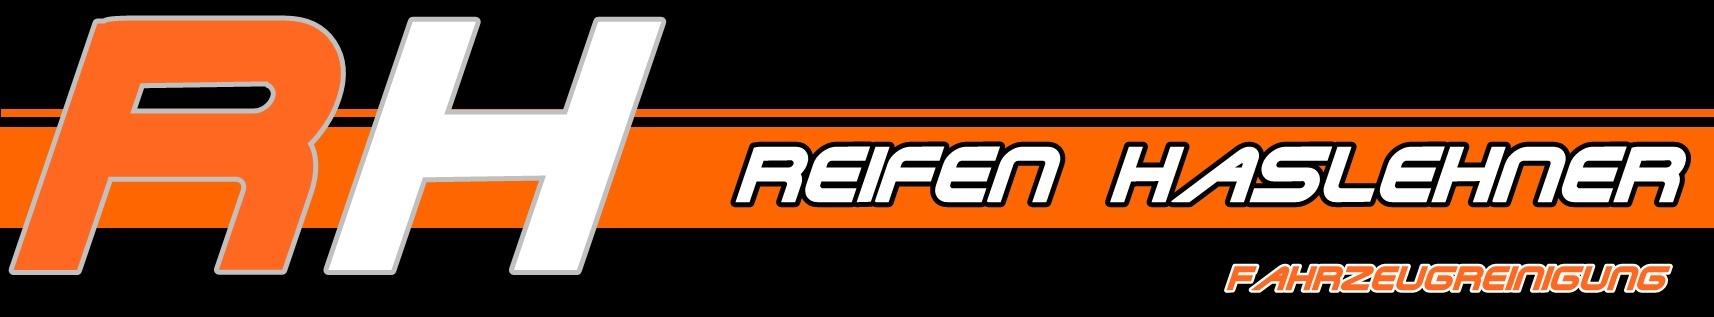 Reifen Haslehner aus Waizenkirchen im Bezirk Grieskirchen | Ihr Fachmann für Reifen, Felgen, Felgenreparatur, Fahrzeugreinigung, Fahrzeugaufbereitung und vieles mehr aus dem Bezirk Grieskirchen in Oberösterreich.